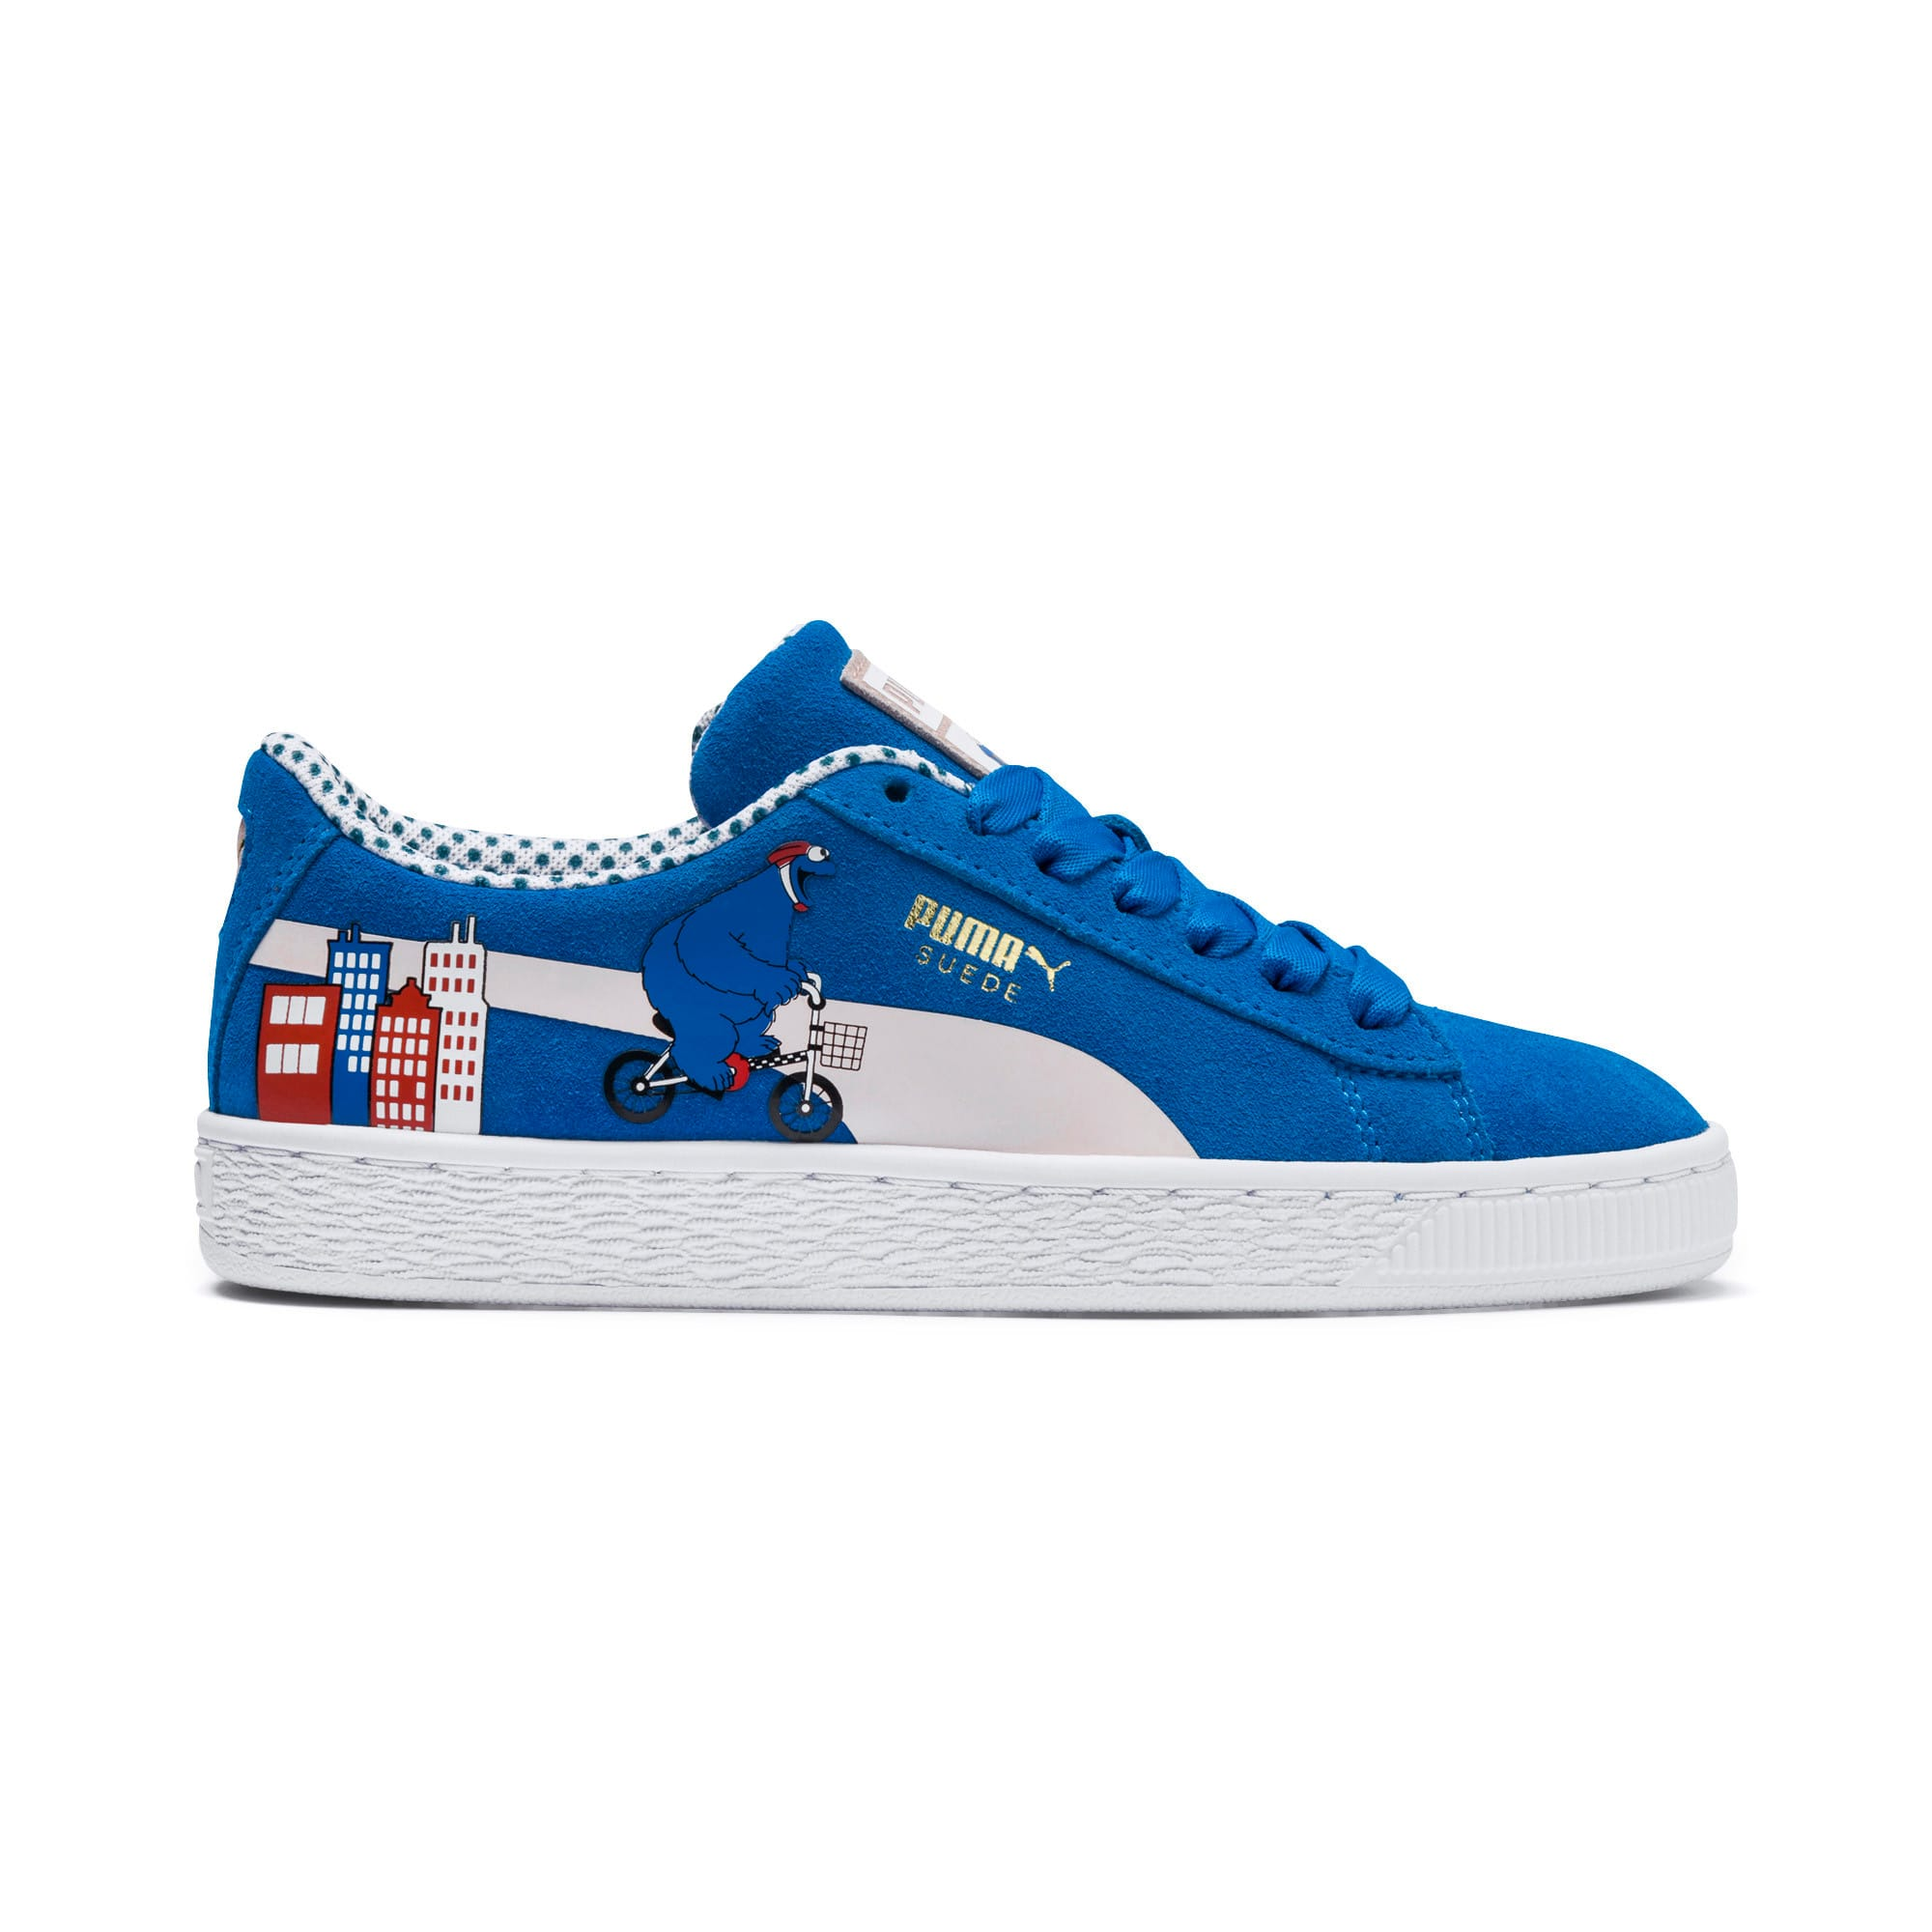 Miniatura 7 de Zapatos deportivosSesame Street 50 Suede para junior, Indigo Bunting-Veiled Rose, mediano